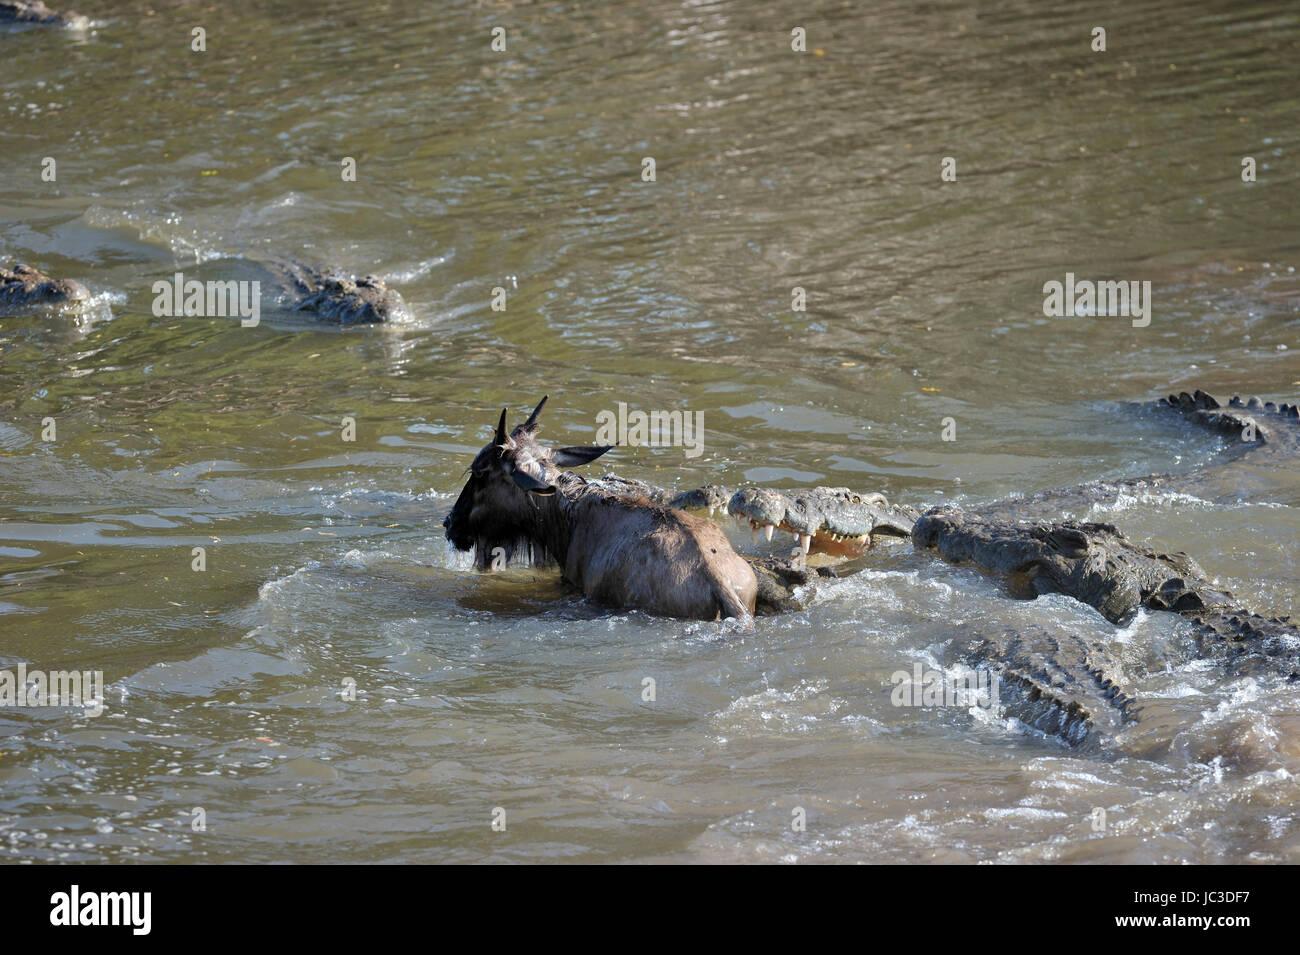 El cocodrilo del Nilo (Crocodylus niloticus) atrapan jóvenes (Ñus Connochaetes taurinus), río Grumeti, Imagen De Stock